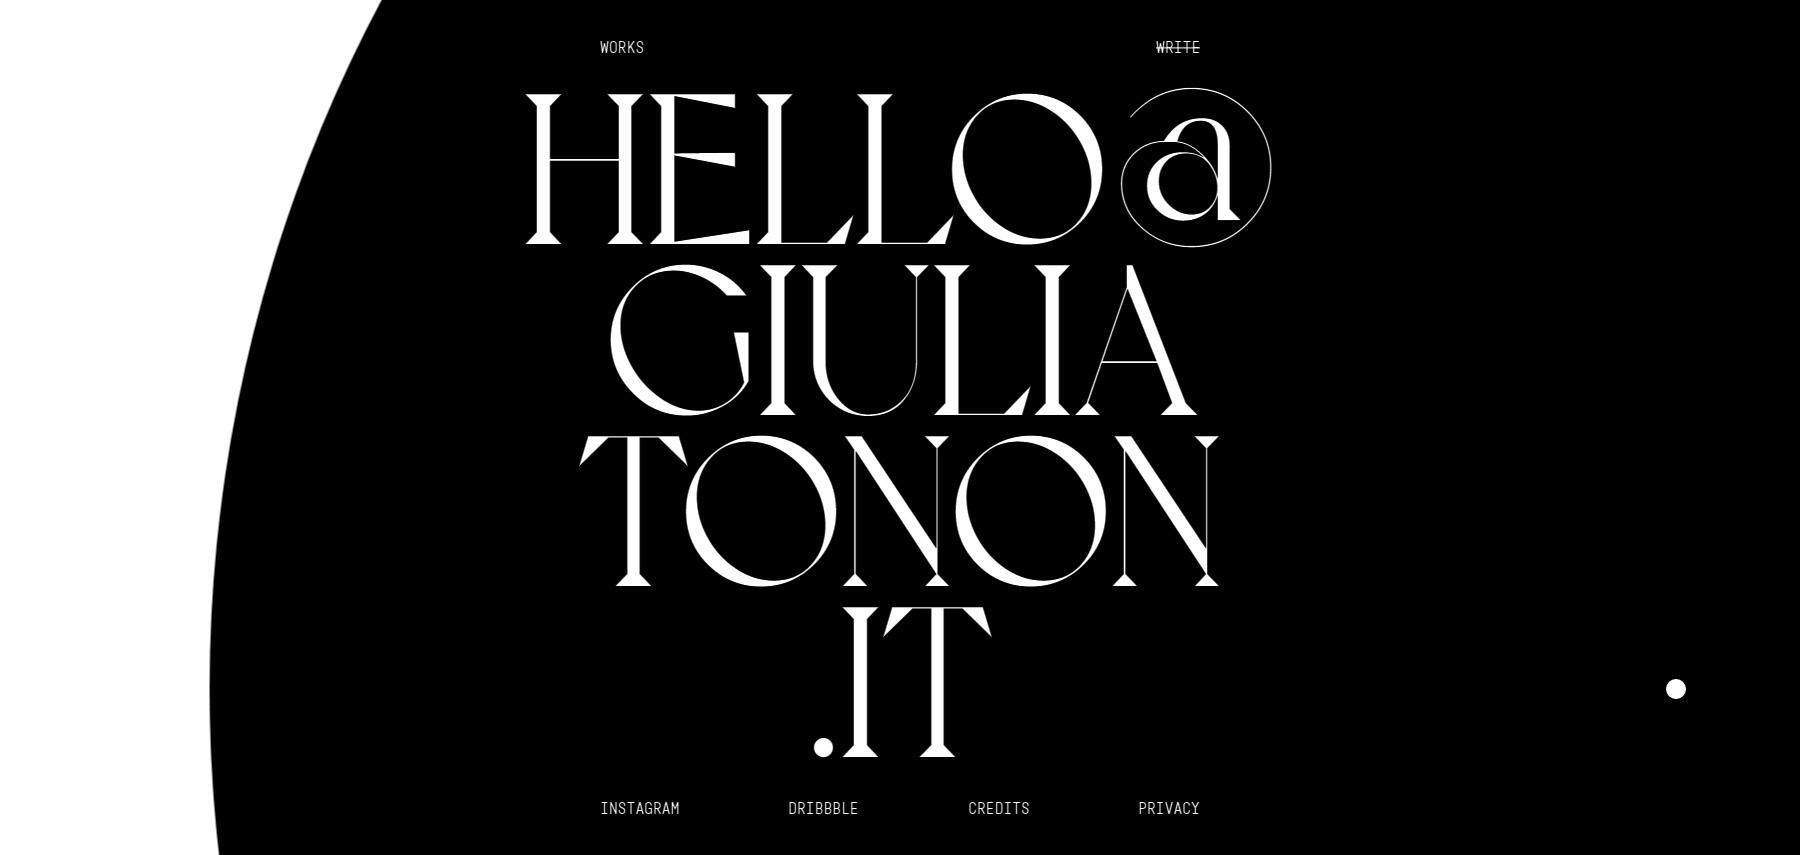 Giulia Tonon - Website of the Day